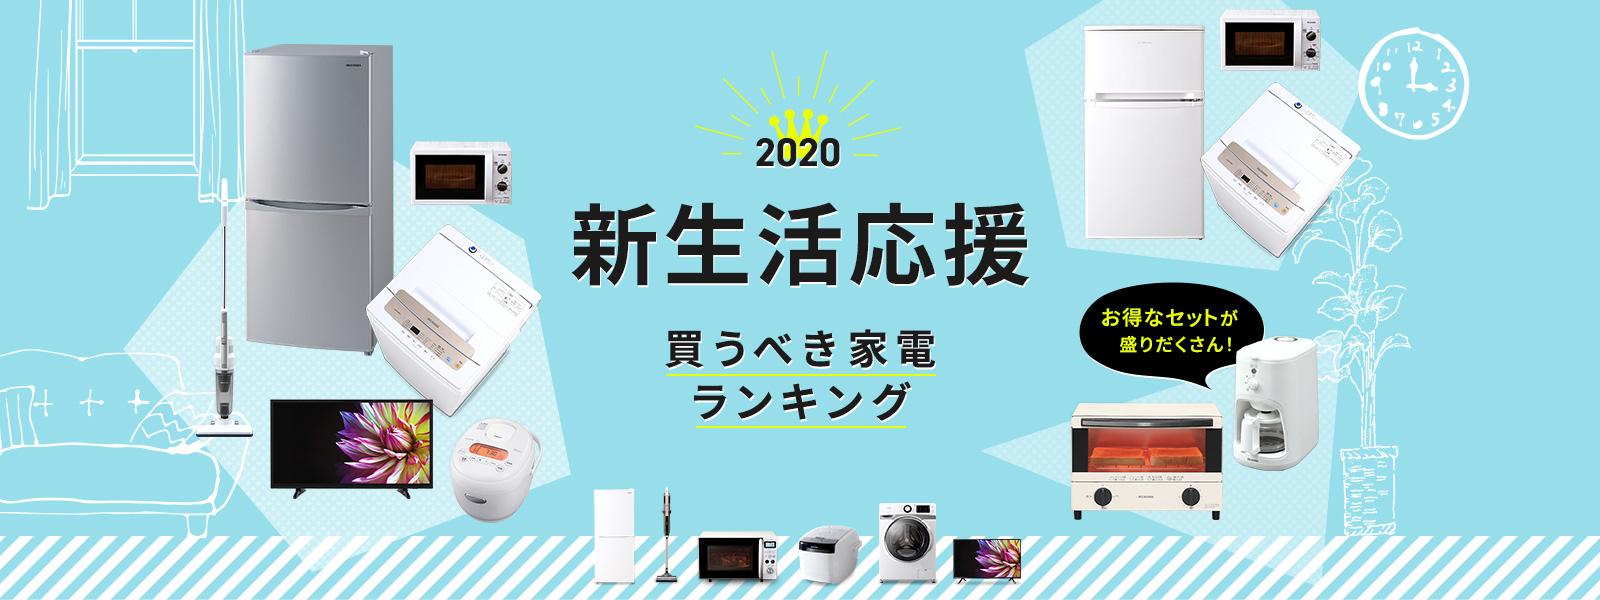 新生活応援 買うべき家電 ランキング 2020